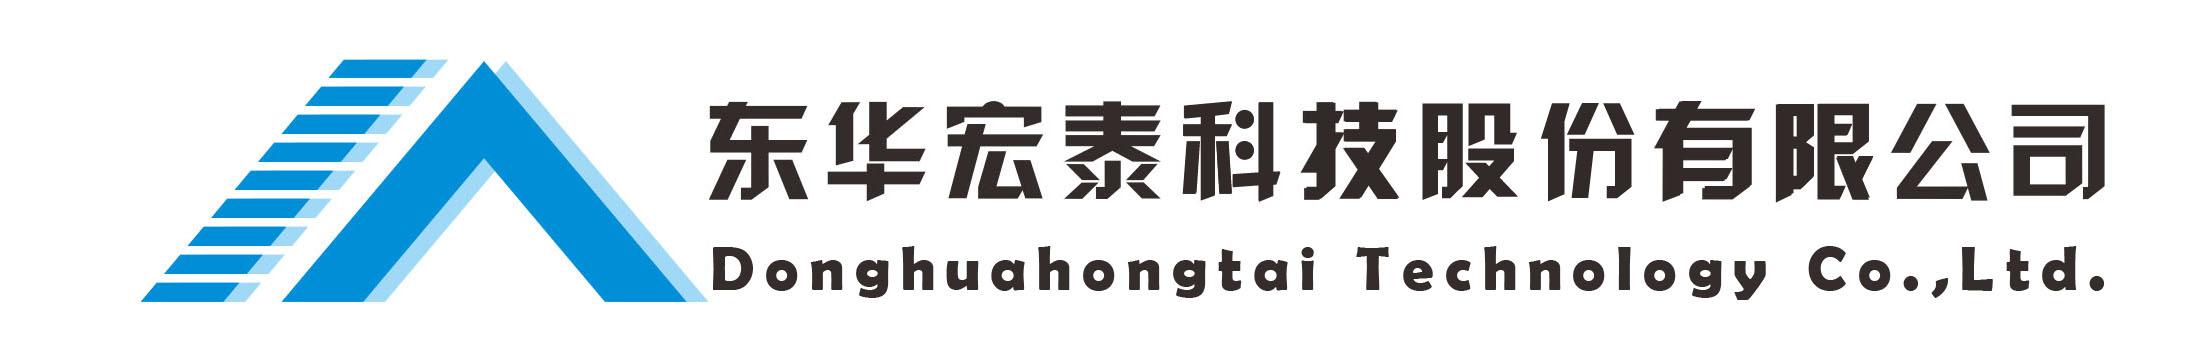 北京东华宏泰科技股份有限公司logo